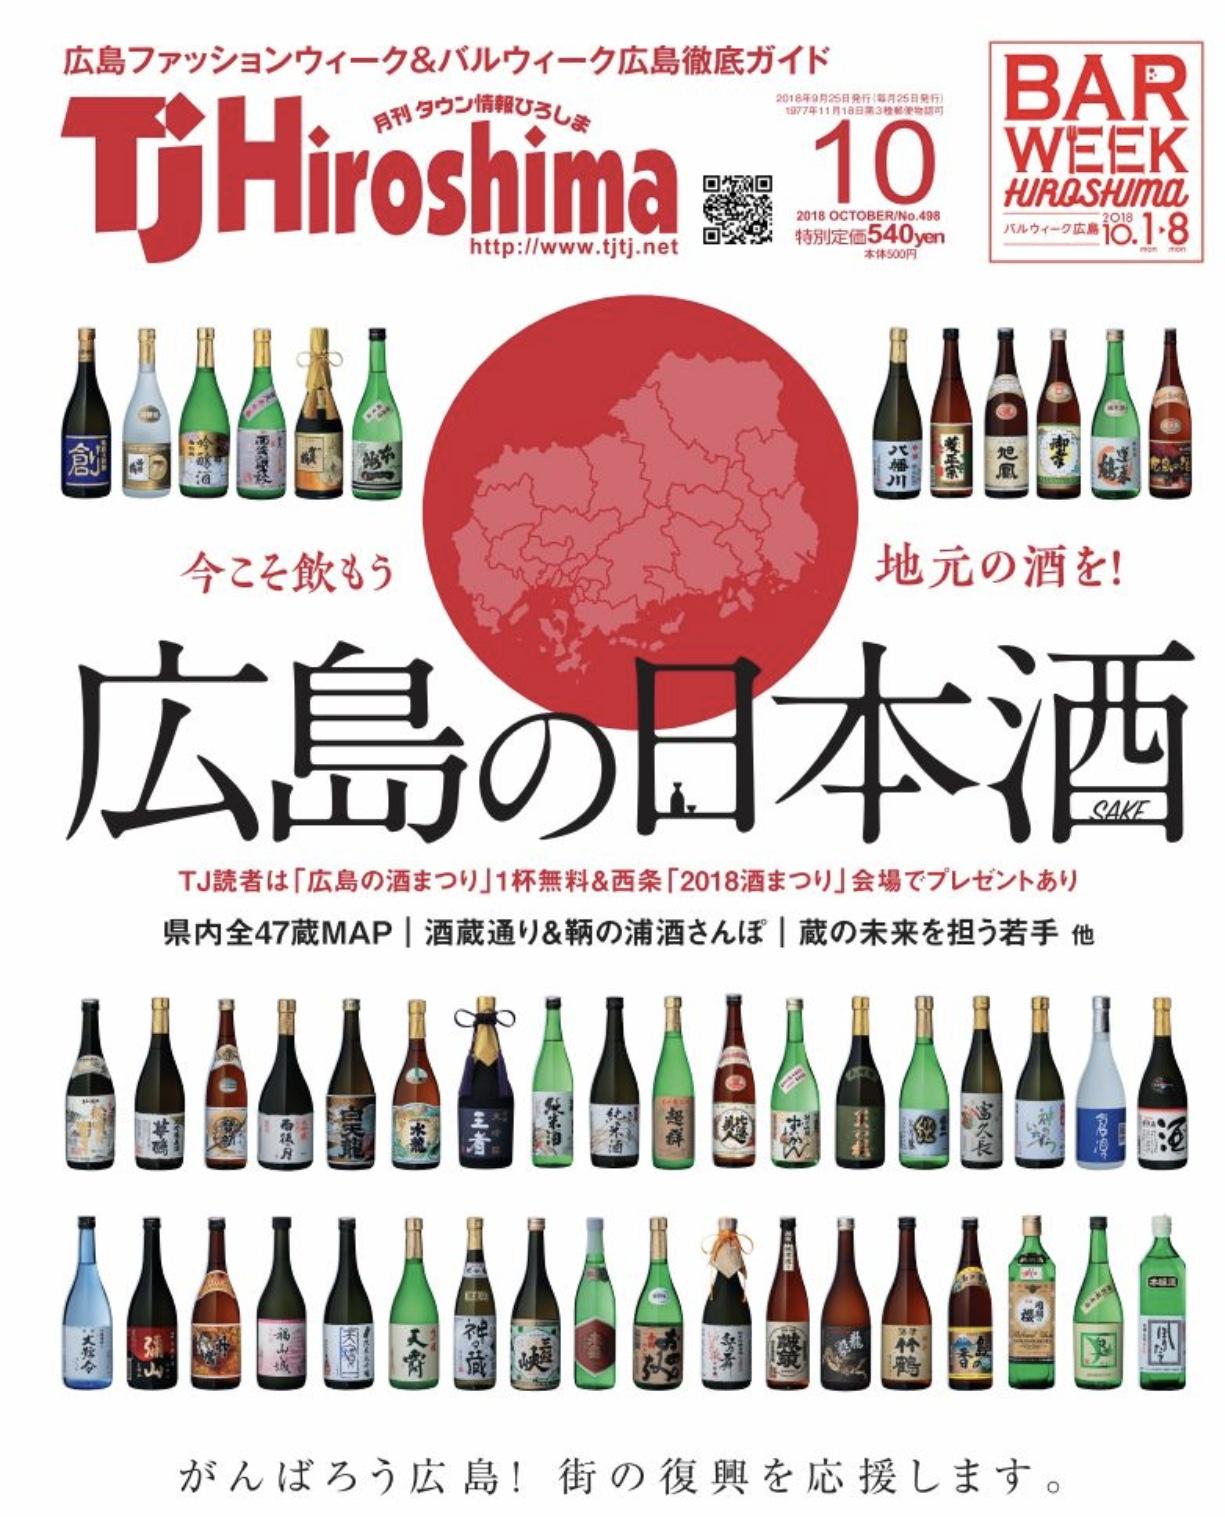 『タウン情報ひろしま(TJ広島)』10月号のカープコーナー。中崎翔太選手と高橋昂也選手の記事を執筆しました